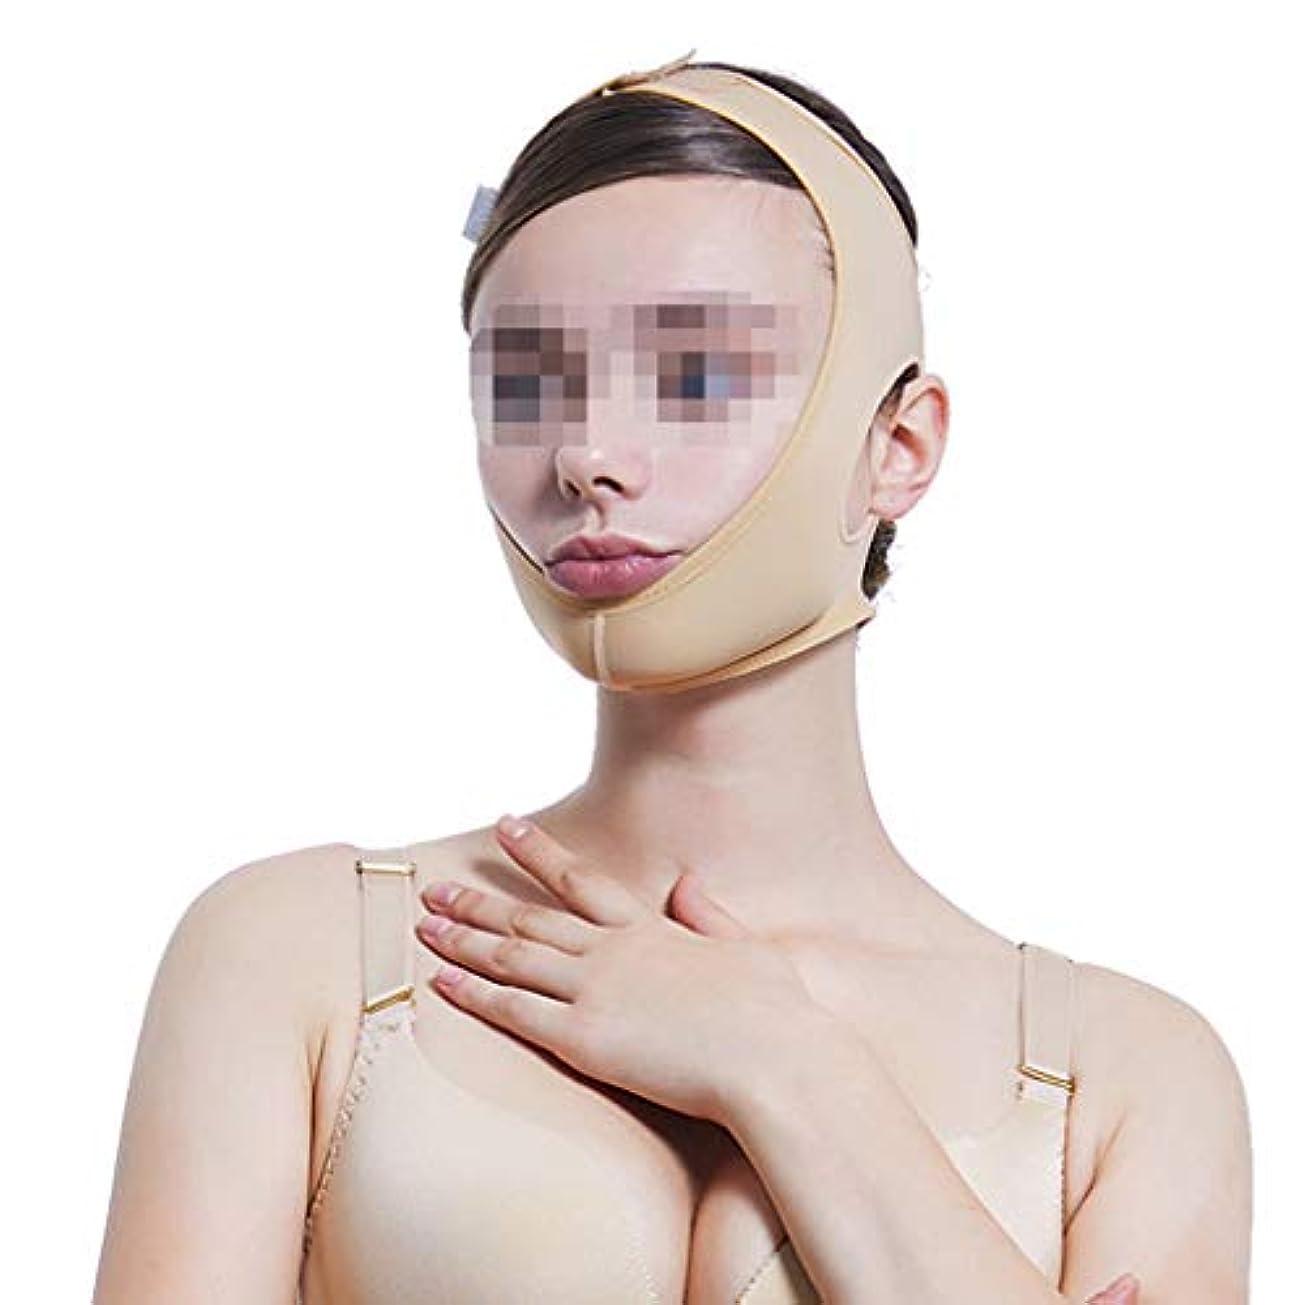 感嘆経験的修復ビームフェイス弾性ヘッドギア、二重あごの顎セットにマスクの後に線彫り薄いフェイス包帯マルチサイズオプション (Size : XXL)